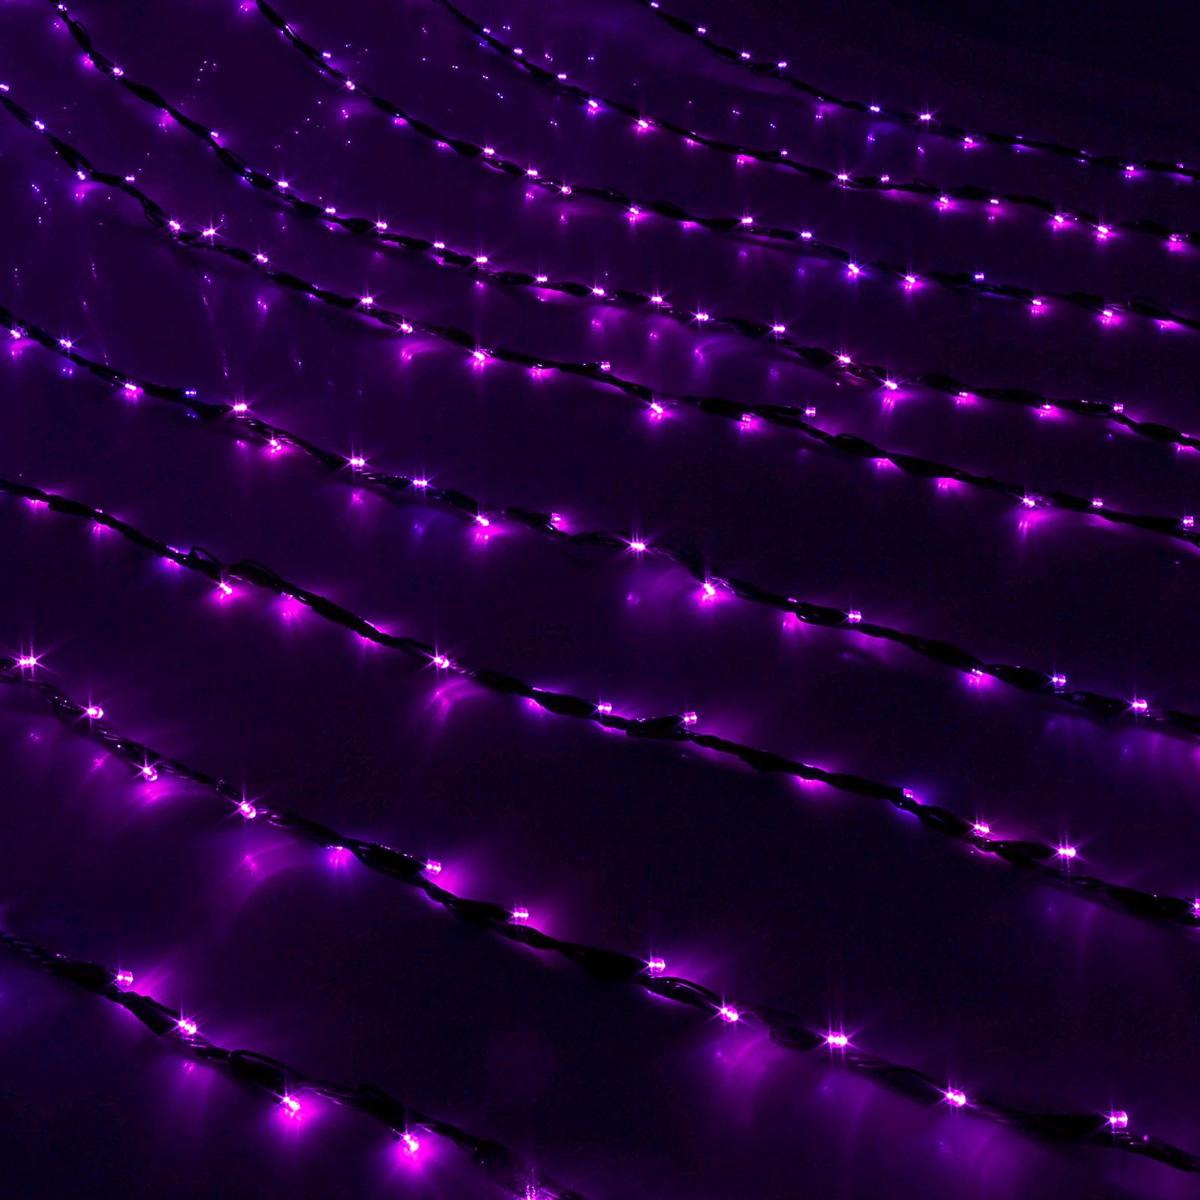 Гирлянда светодиодная Luazon Дождь, уличная, 800 ламп, 220 V, цвет: фиолетовый, 2 х 3 м. 187328187328Светодиодные гирлянды, ленты и т.д — это отличный вариант для новогоднего оформления интерьера или фасада. С их помощью помещение любого размера можно превратить в праздничный зал, а внешние элементы зданий, украшенные ими, мгновенно станут напоминать очертания сказочного дворца. Такие украшения создают ауру предвкушения чуда. Деревья, фасады, витрины, окна и арки будто специально созданы, чтобы вы украсили их светящимися нитями.